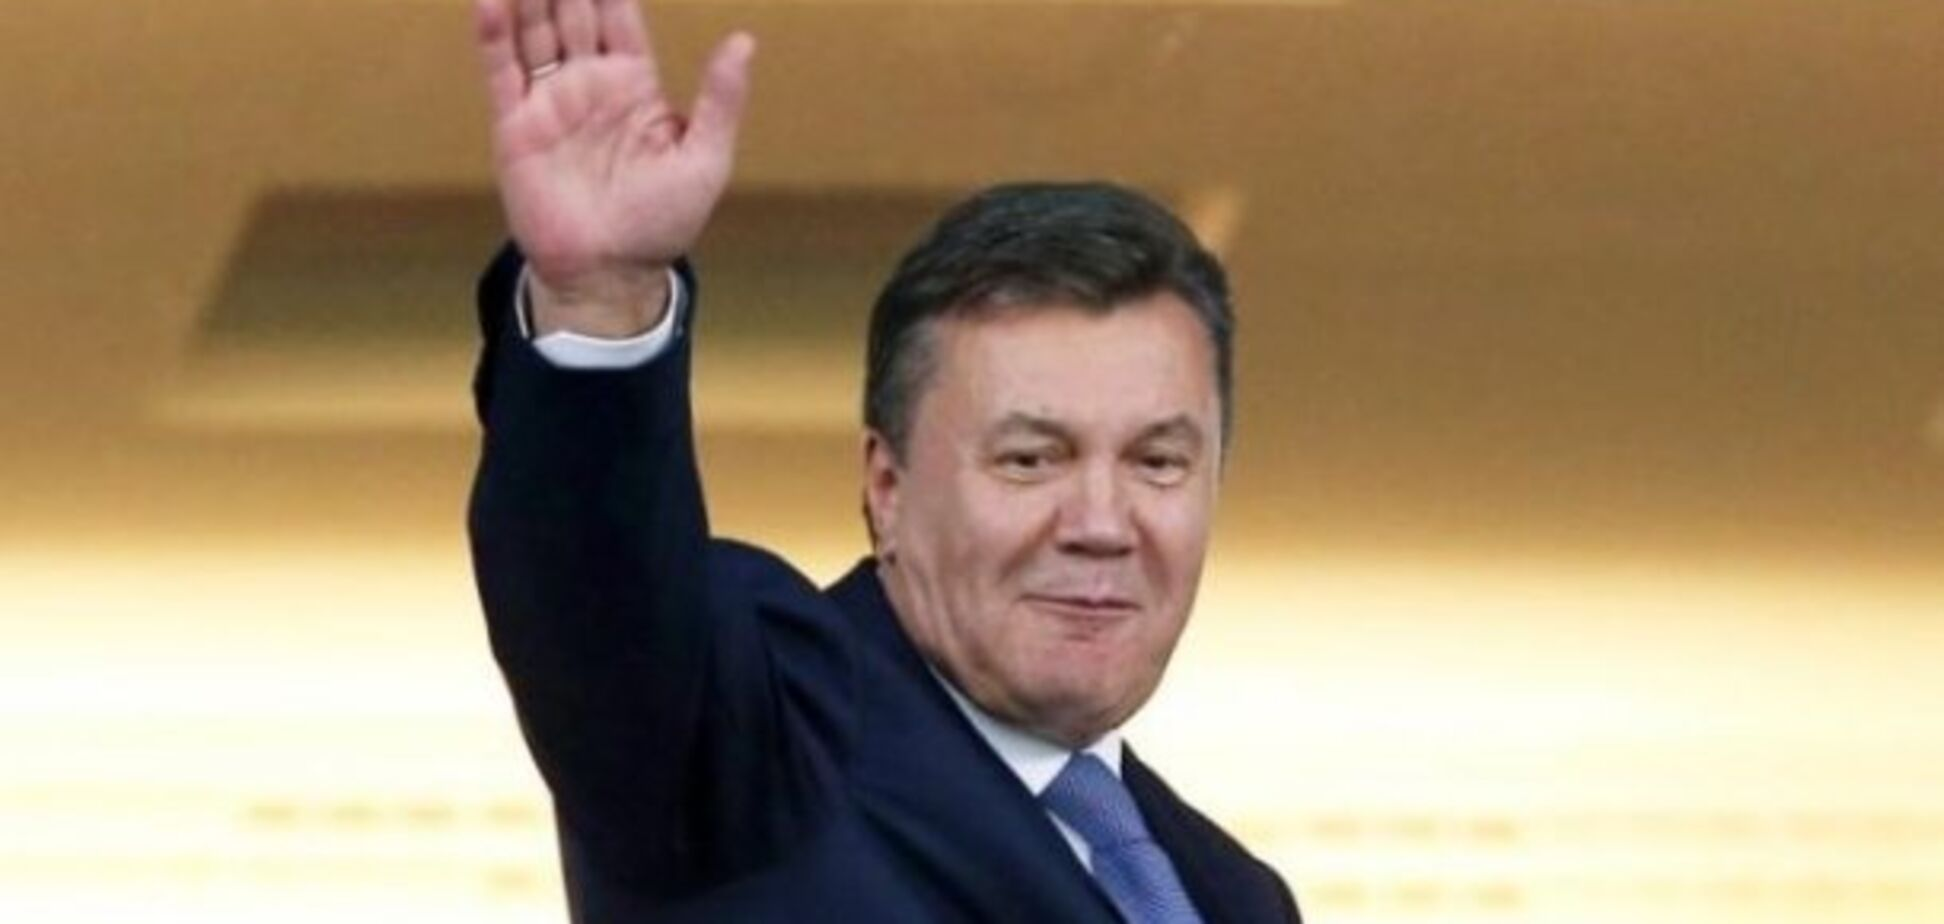 Півсотні вироків і конфісковані мільярди: ГПУ відзвітувала про справи проти Януковича і Ко